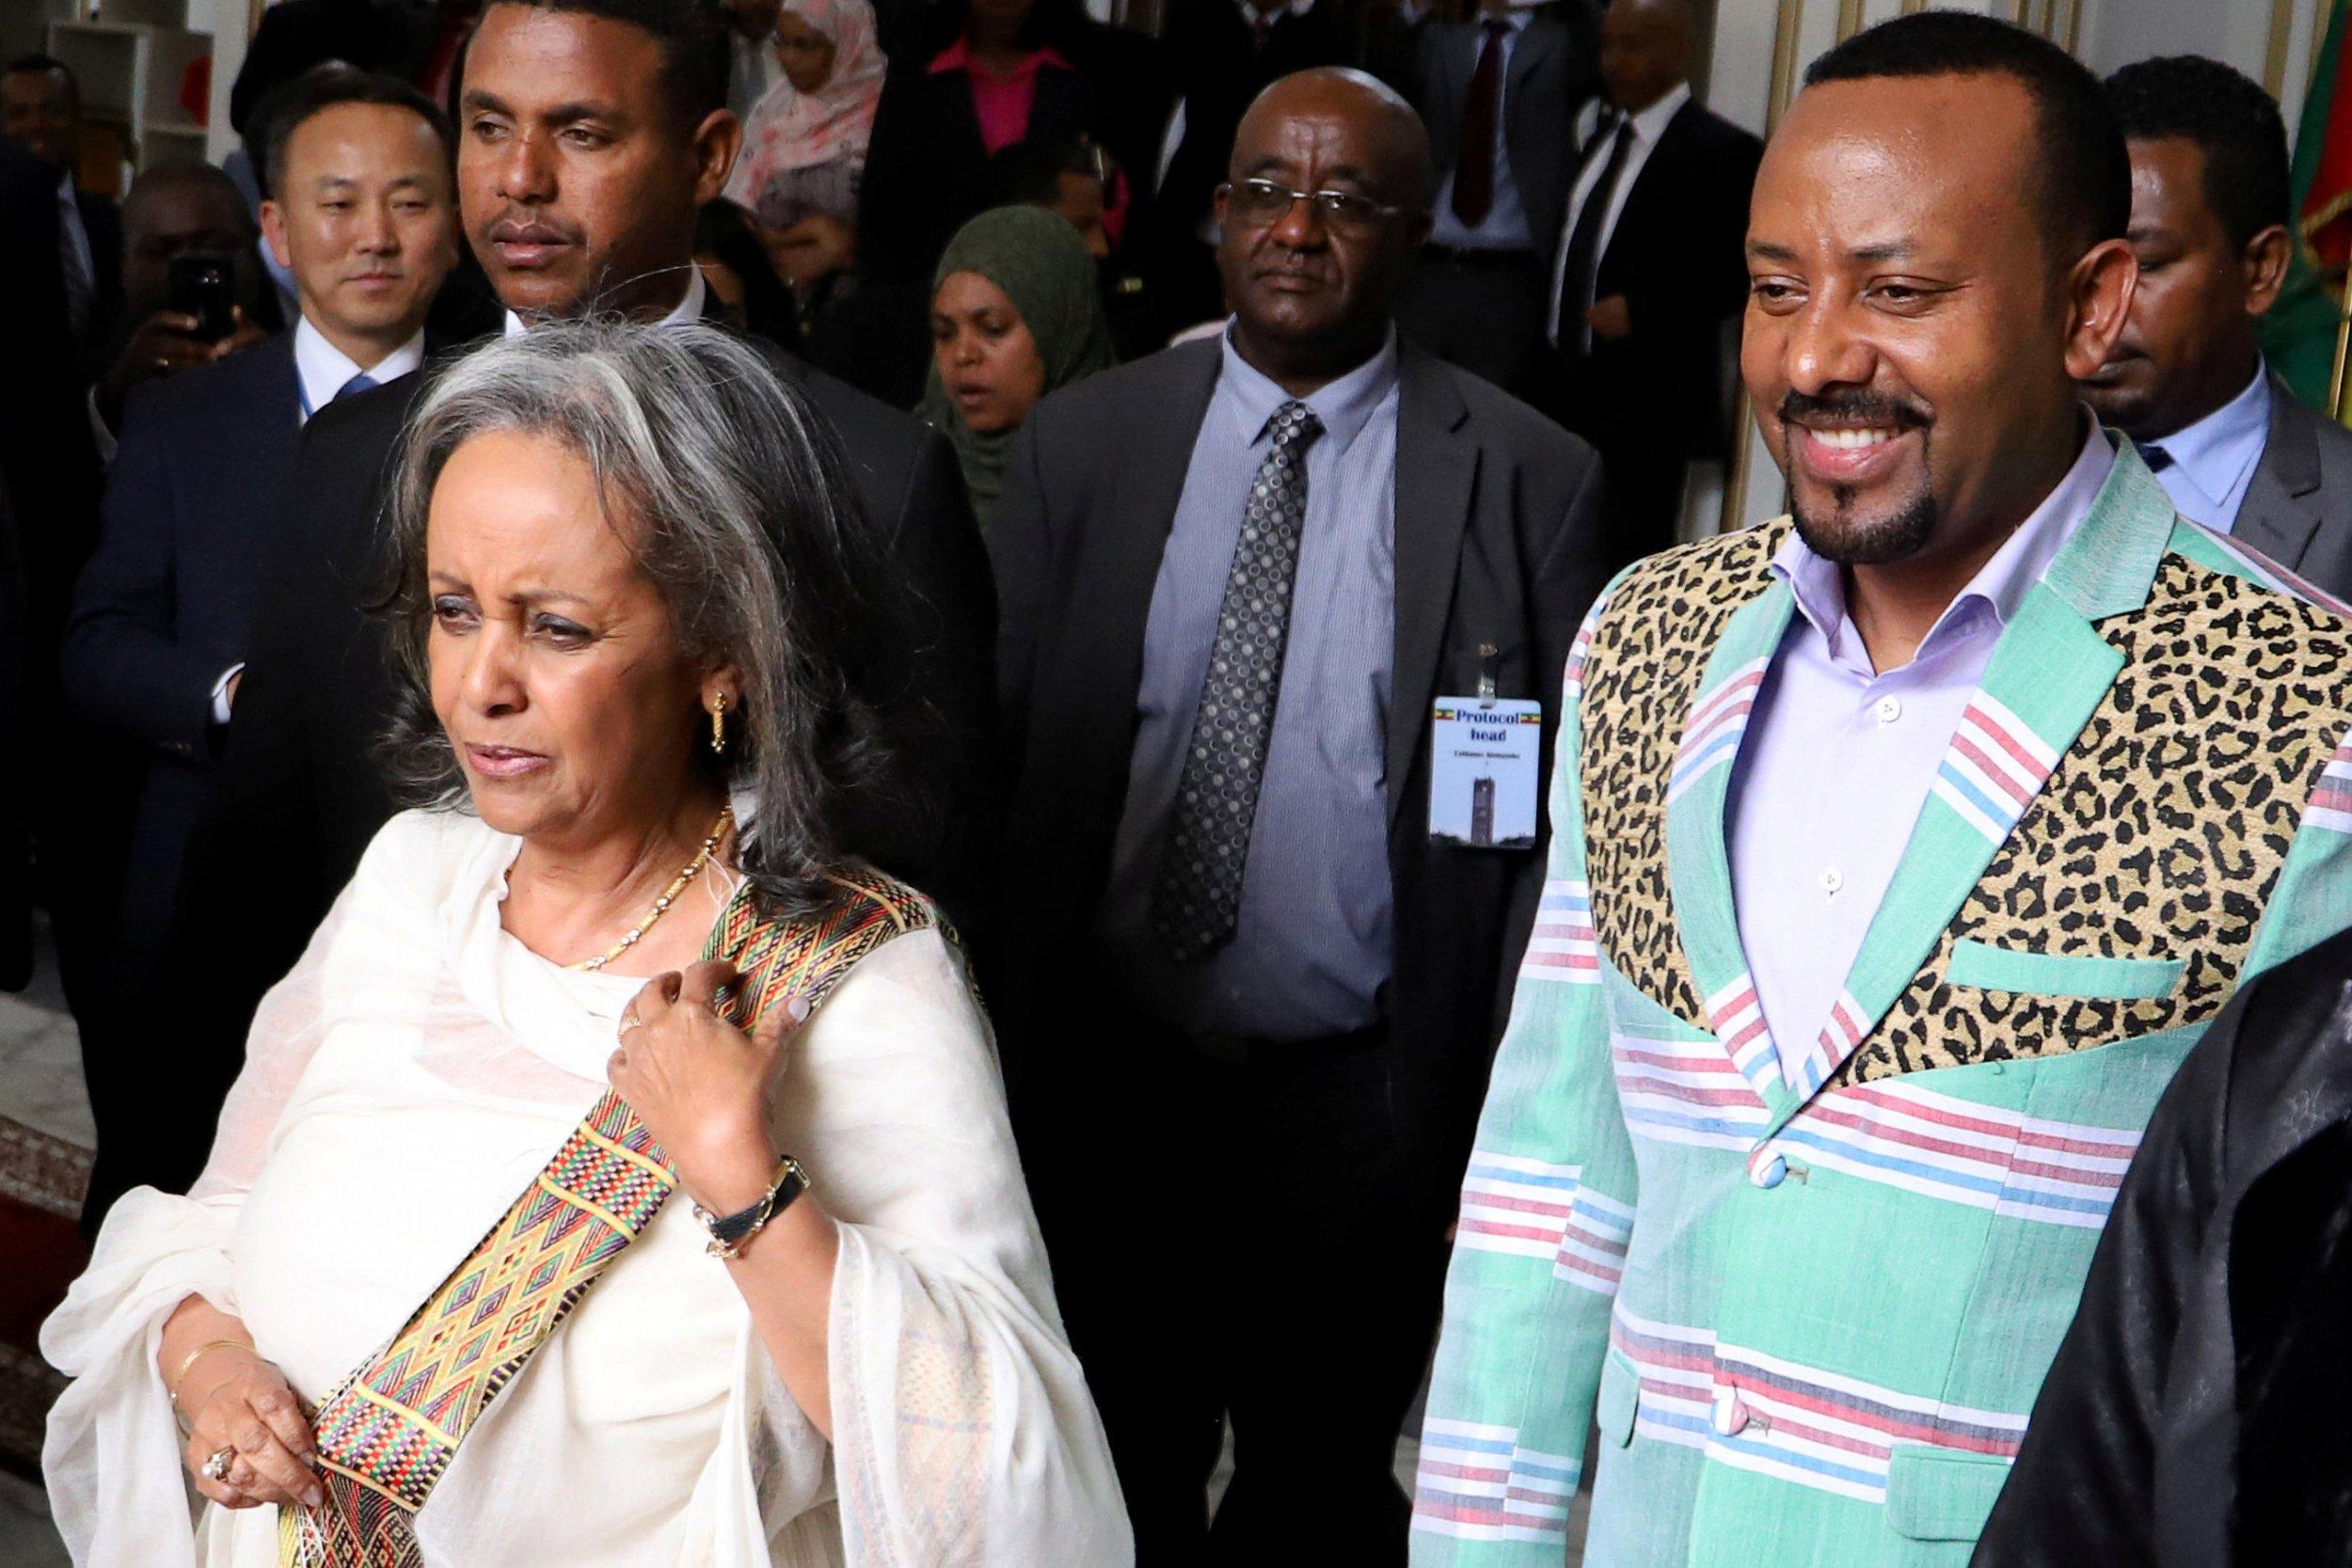 2018-10-25T104308Z_1809353218_RC1B84996C50_RTRMADP_3_ETHIOPIA-POLITICS